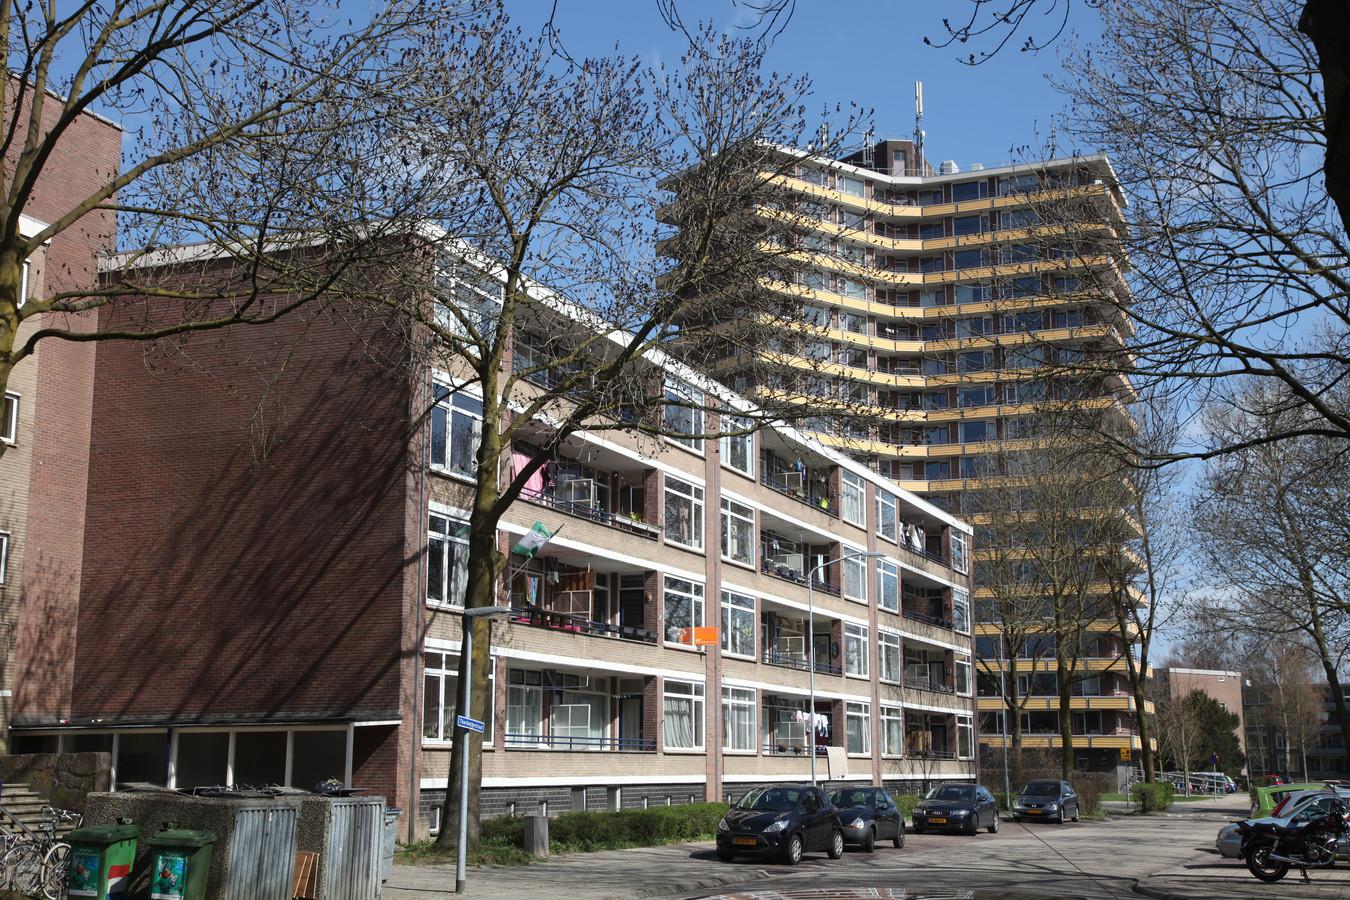 De Nude in Wageningen, wijk met veel studentenbewoners.